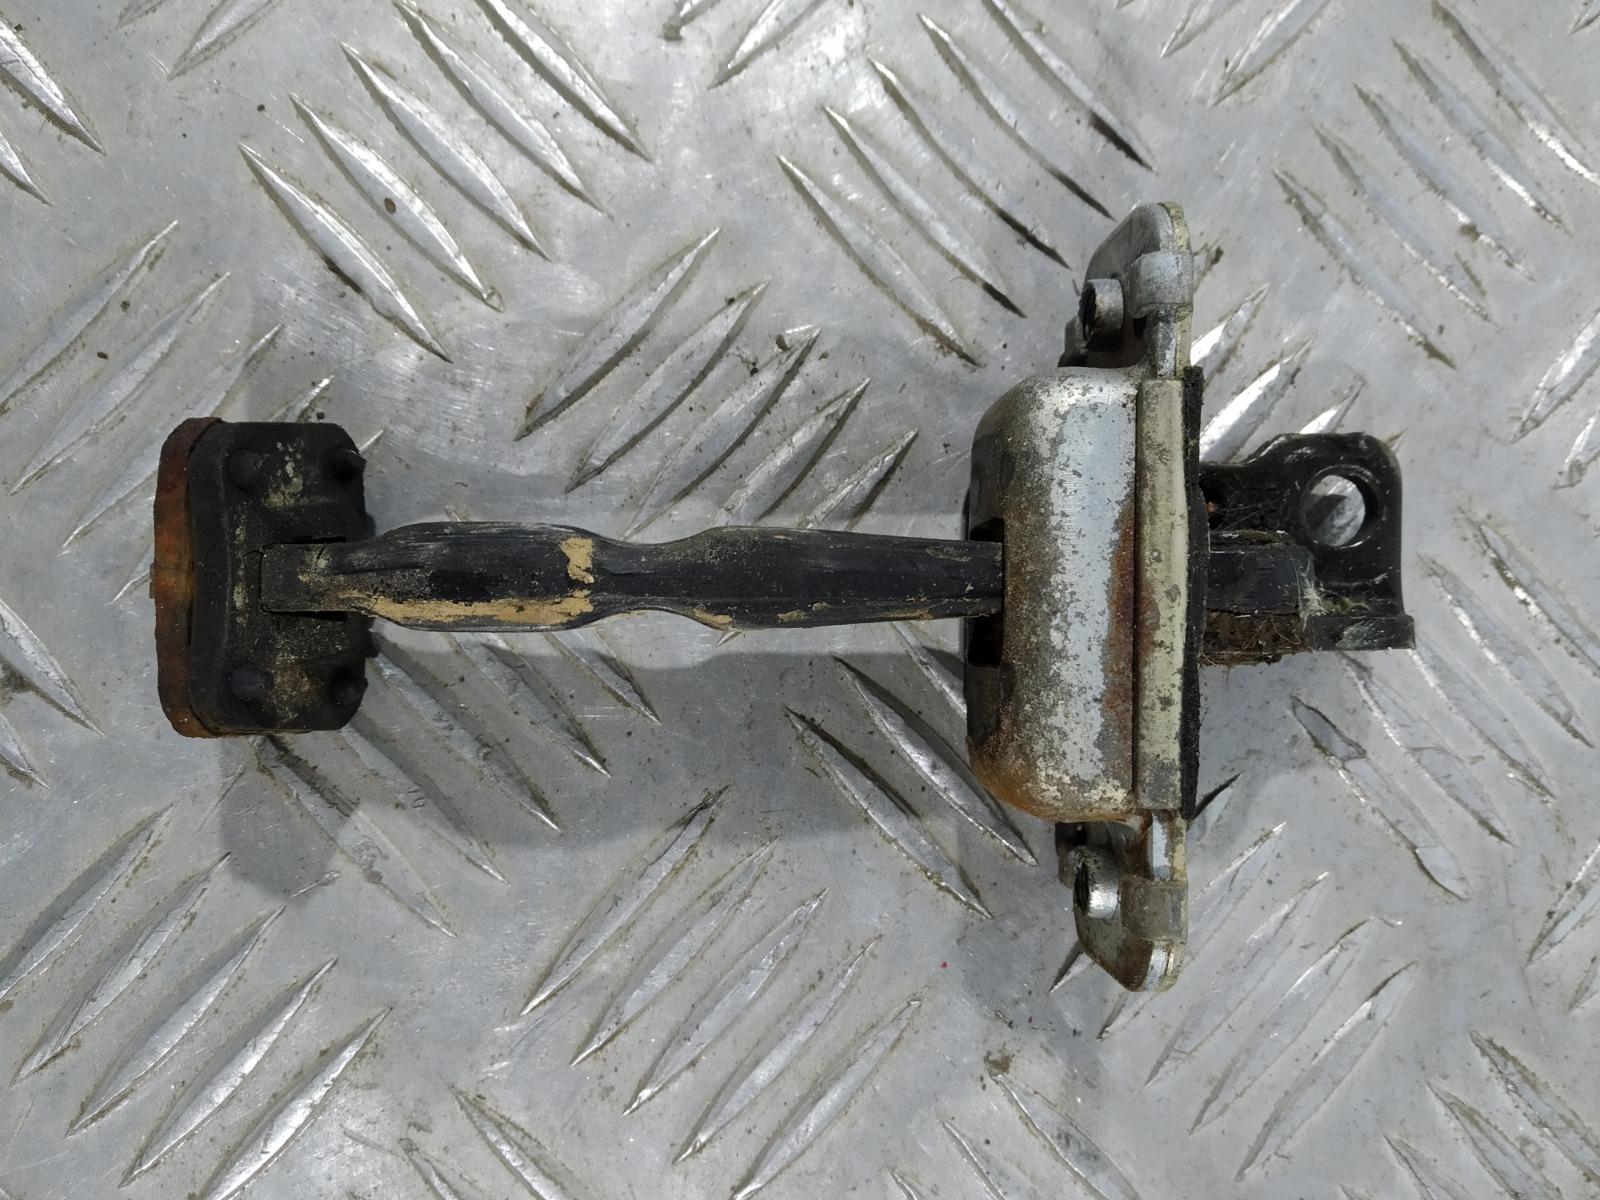 Ограничитель открывания двери Kia Carens 2.0 CRDI 2005 (б/у)